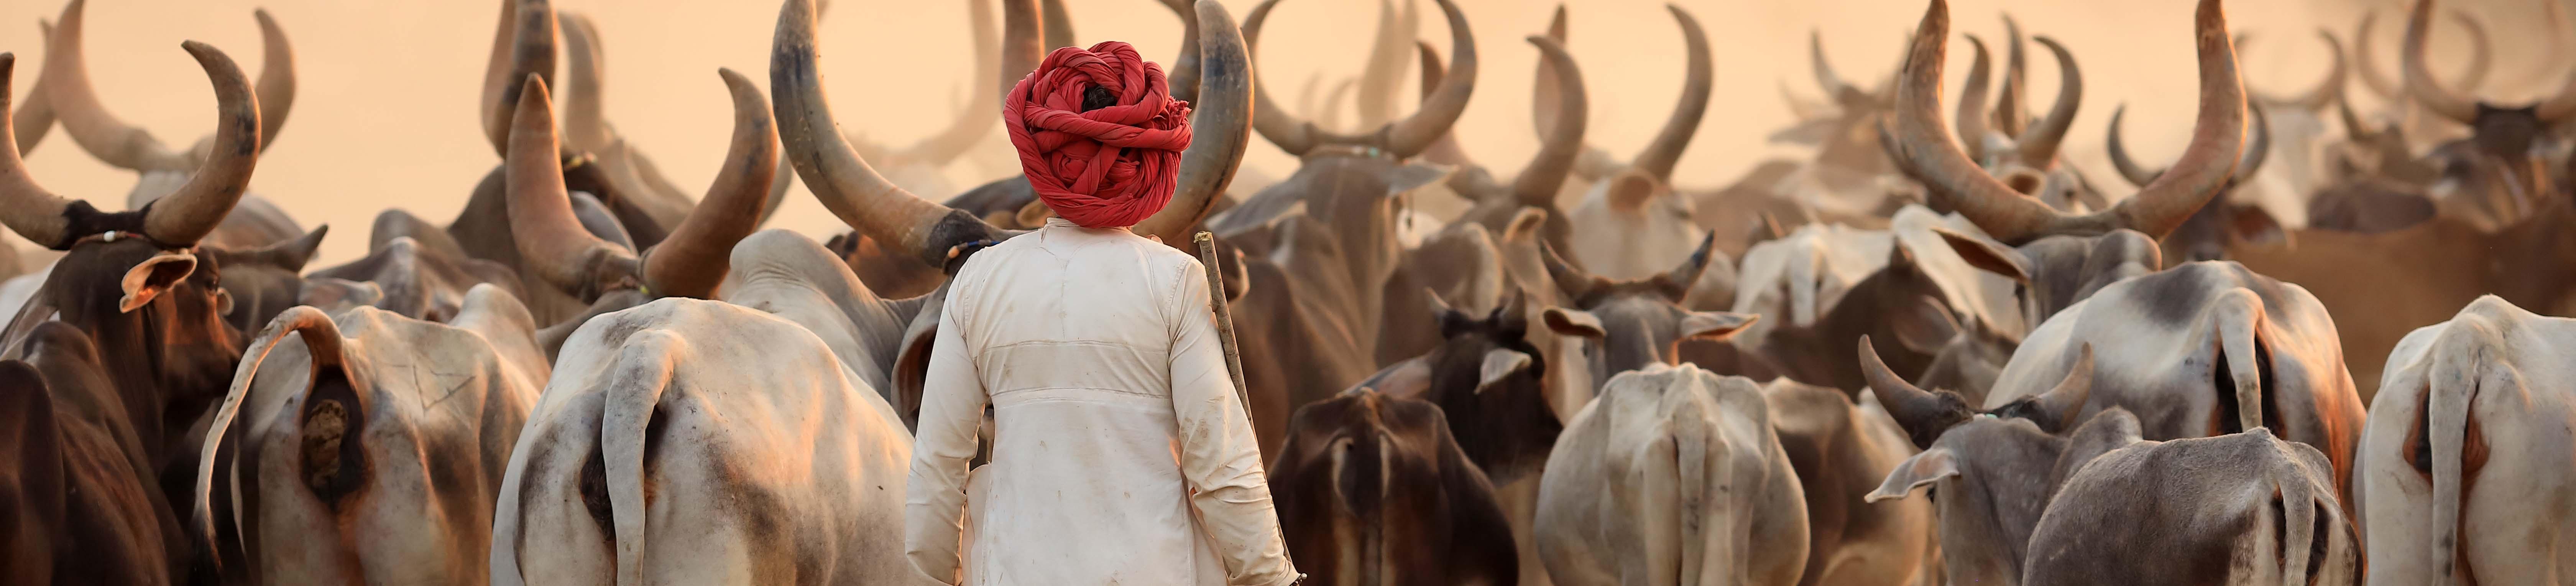 Les traditions de l'Inde et leur importance dans la vie quotidienne